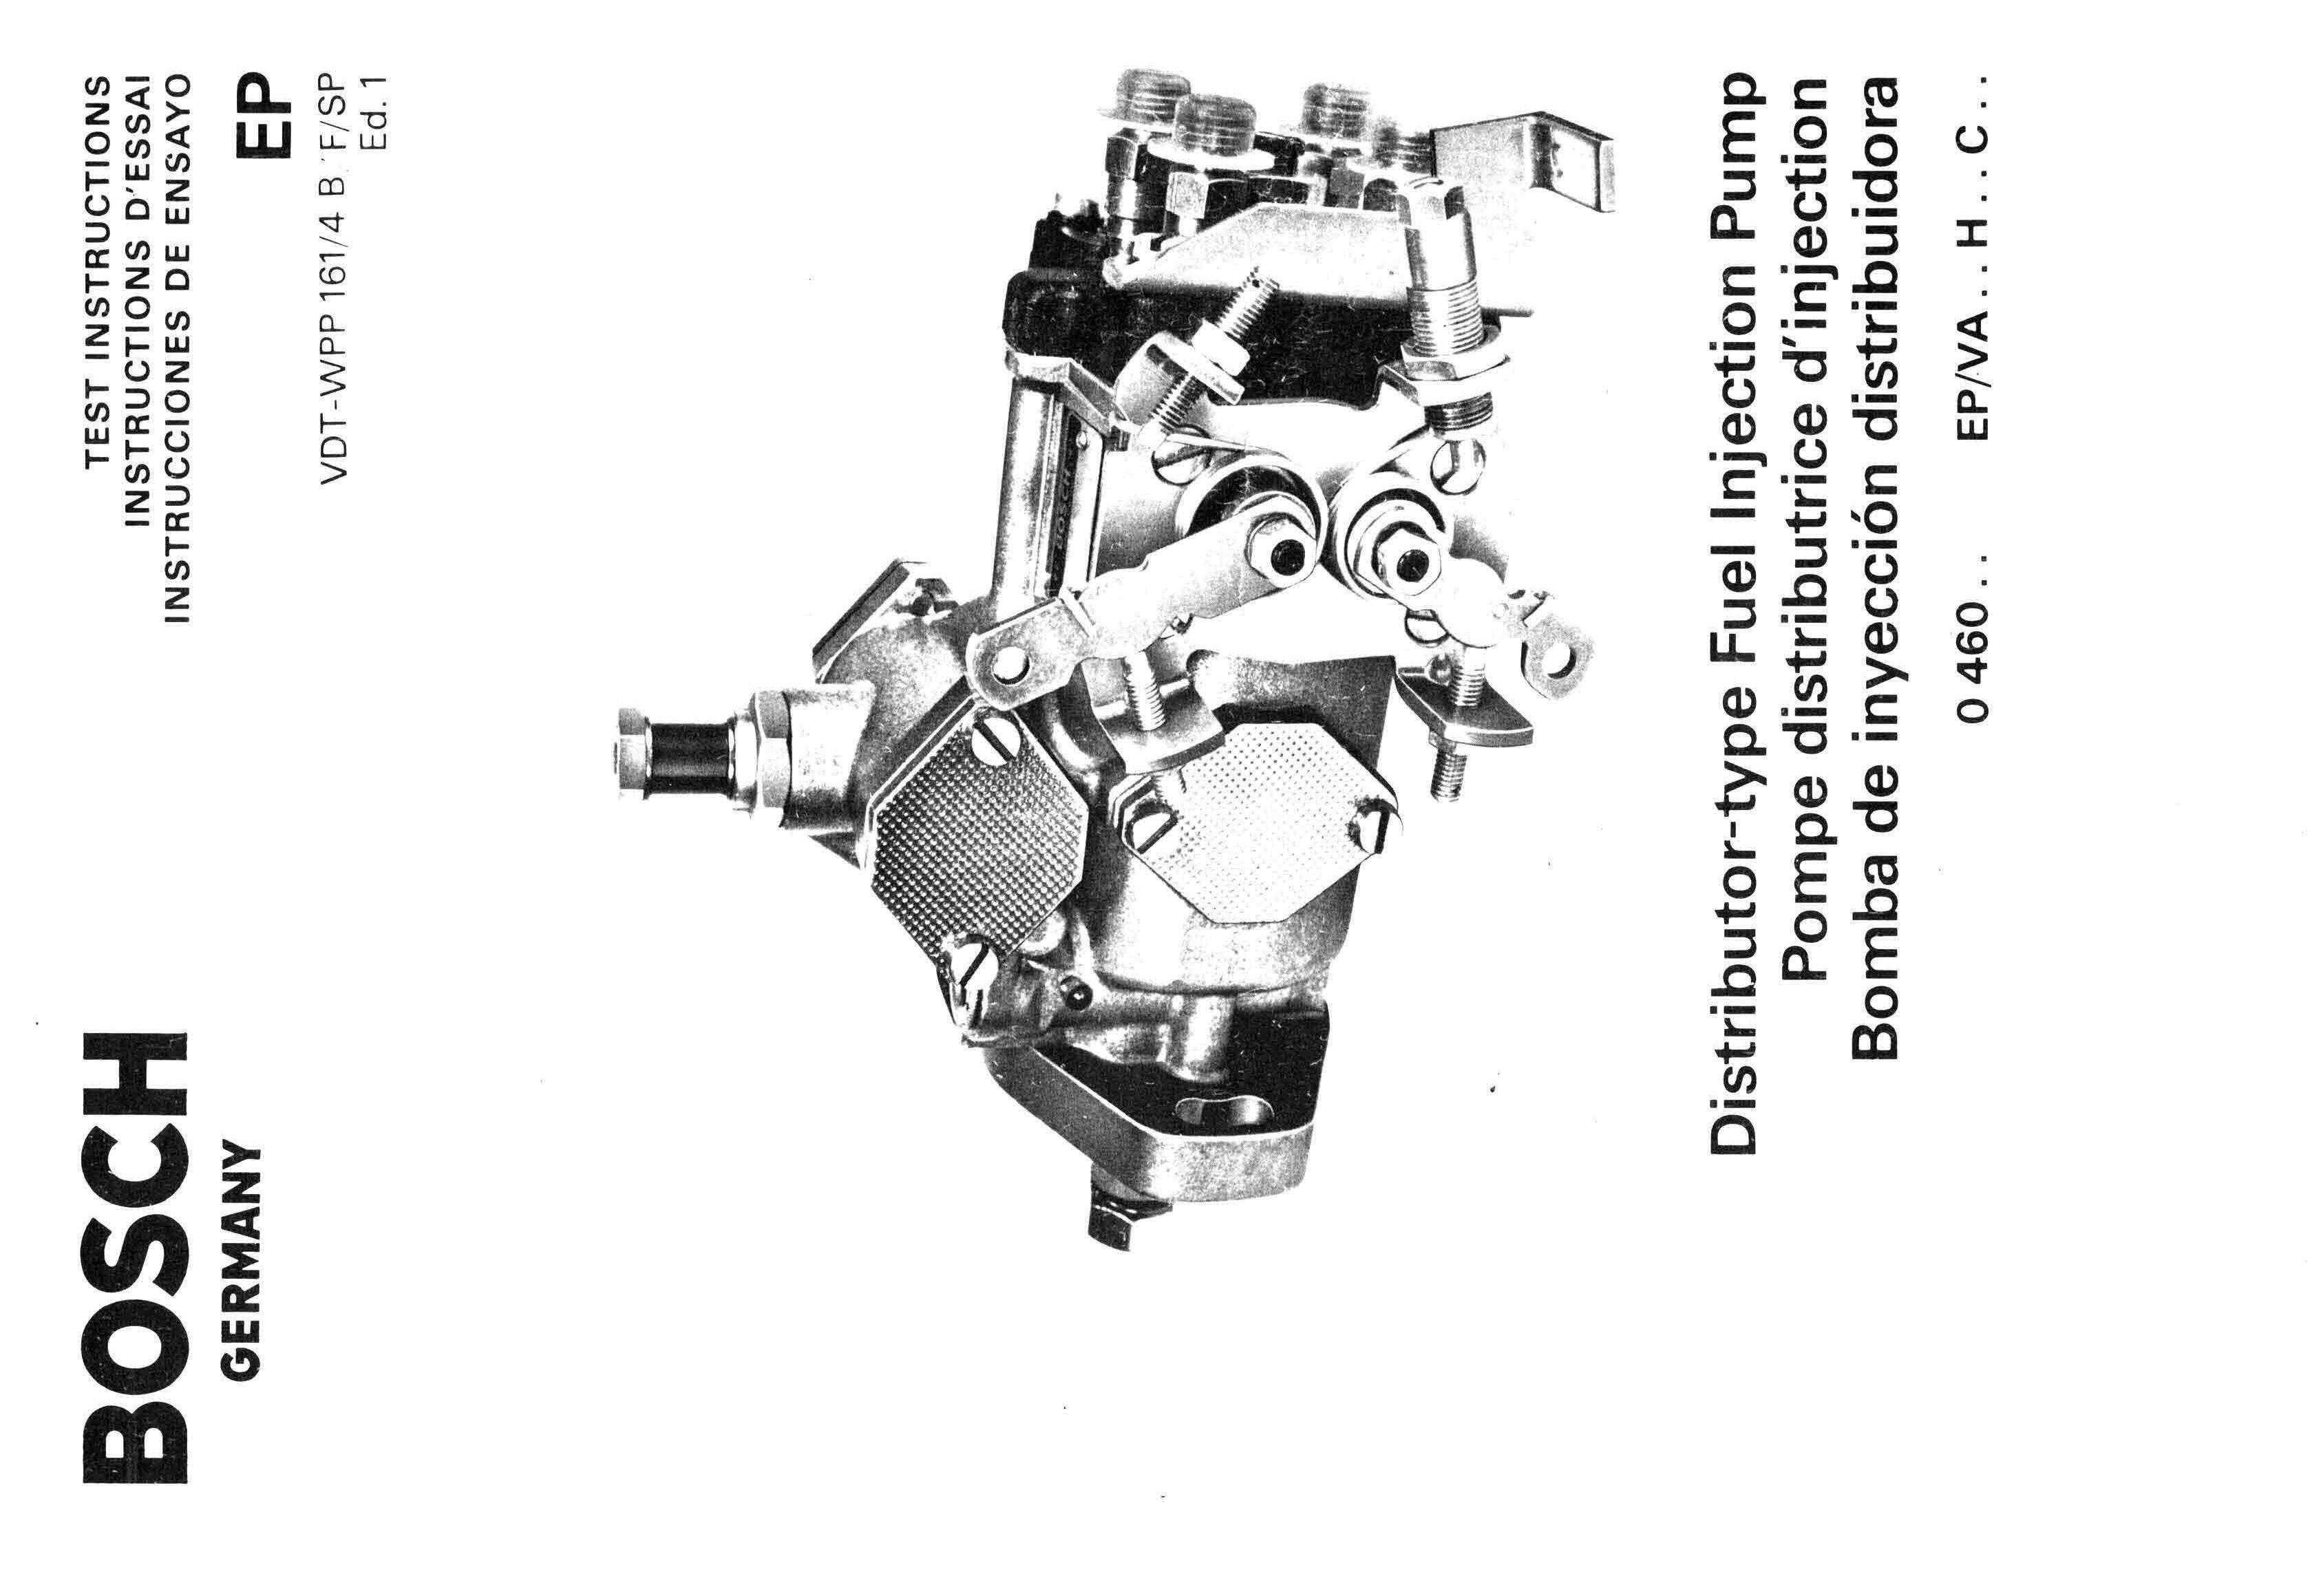 Boschsel Fuel Pump Manuals For Mechanics